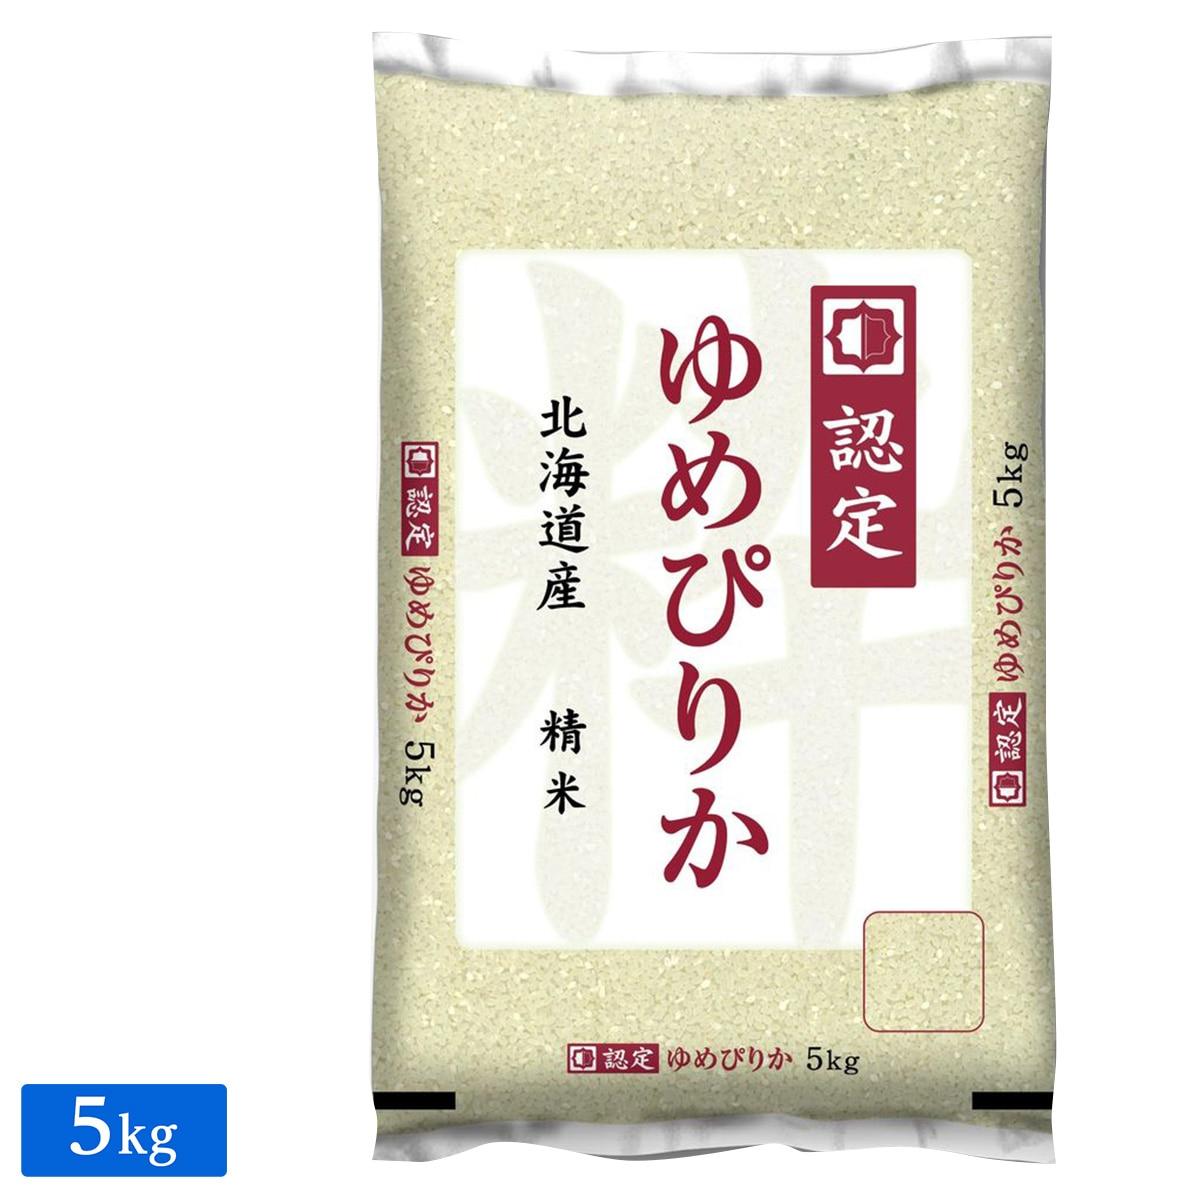 ■令和2年産 北海道産 特A ゆめぴりか 5kg(1袋)